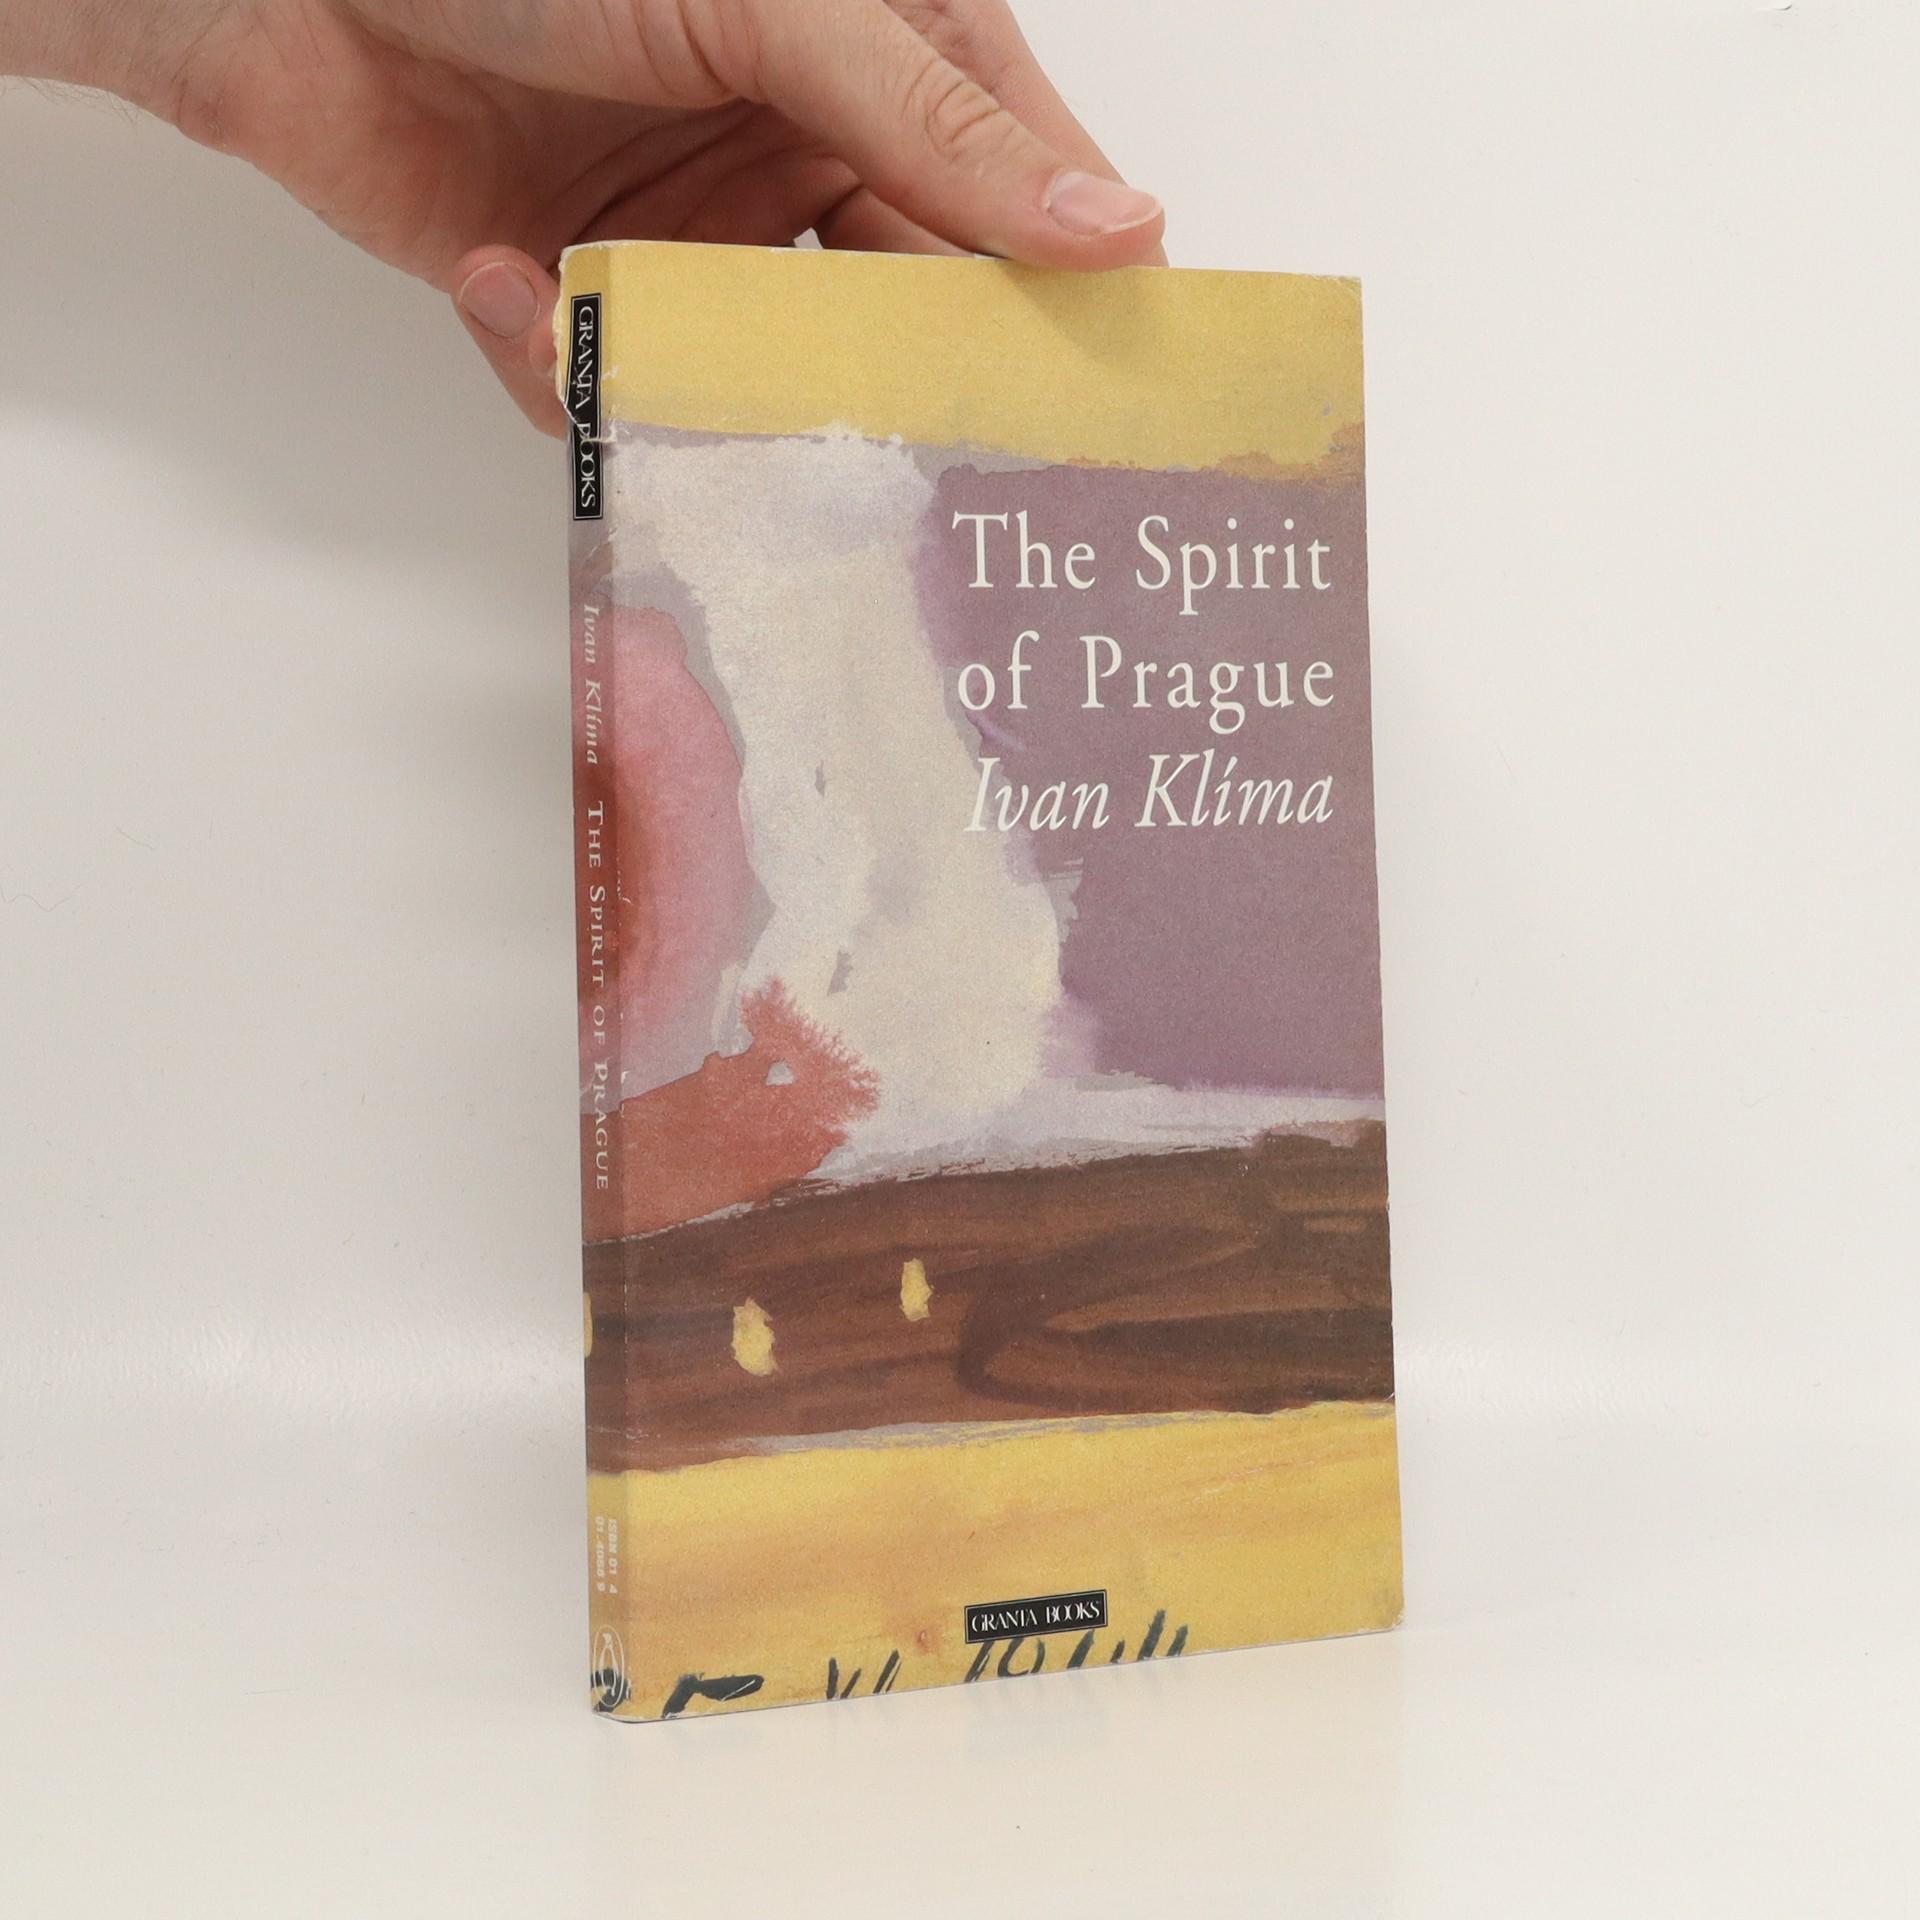 antikvární kniha The Spirit of Prague, 1994